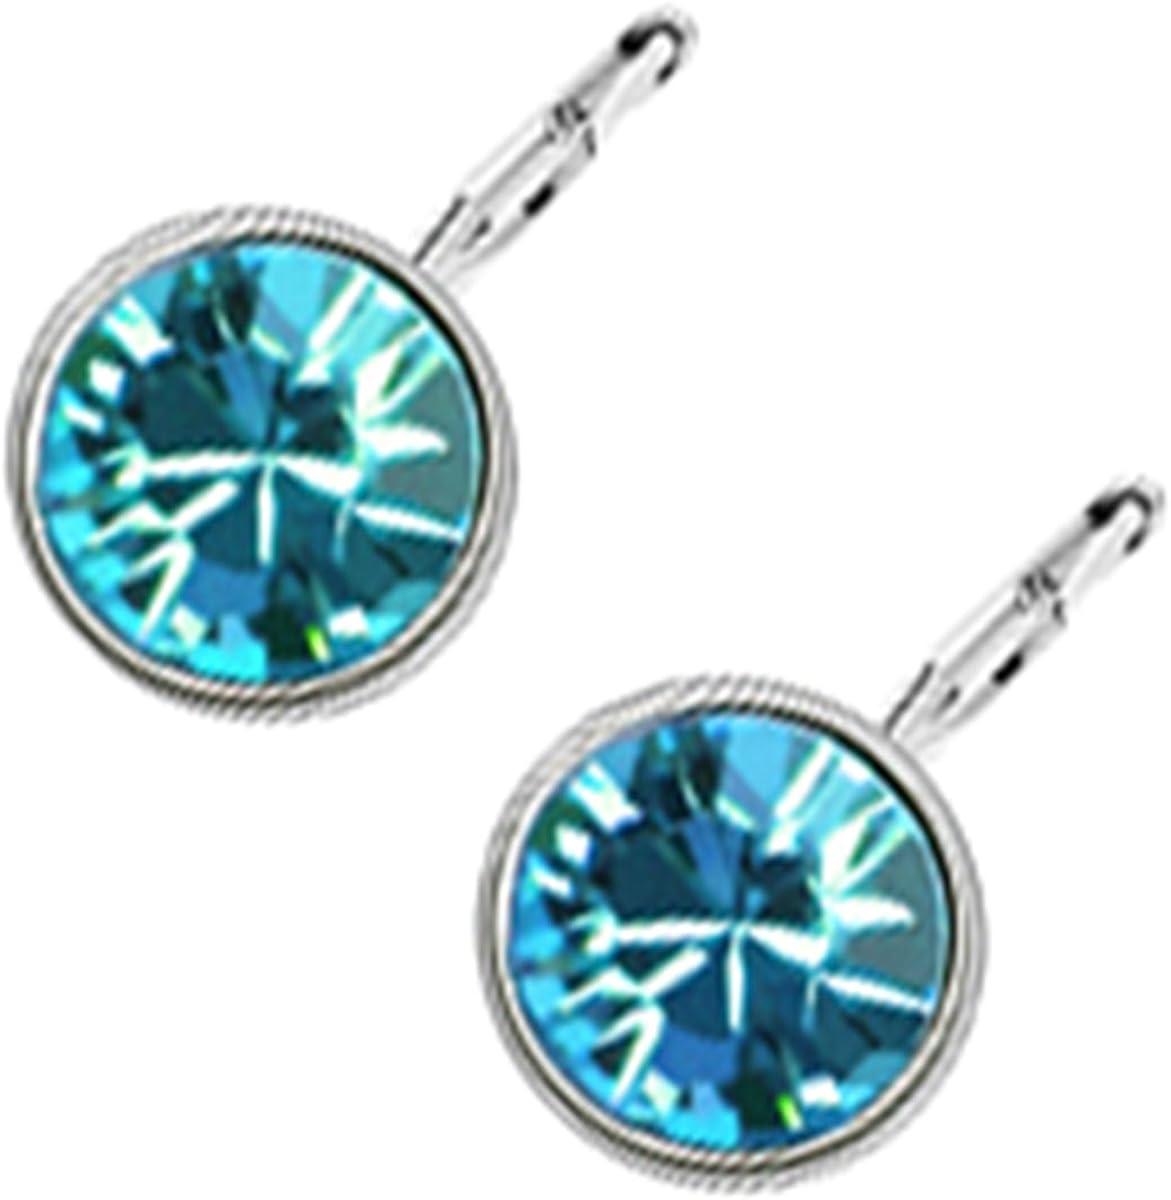 GWG Jewellery Pendientes Mujer Regalo Pendientes Colgantes, Chapados en Oro Blanco 18K Cristal de Colores Varios de Diseño Clásico para Mujeres